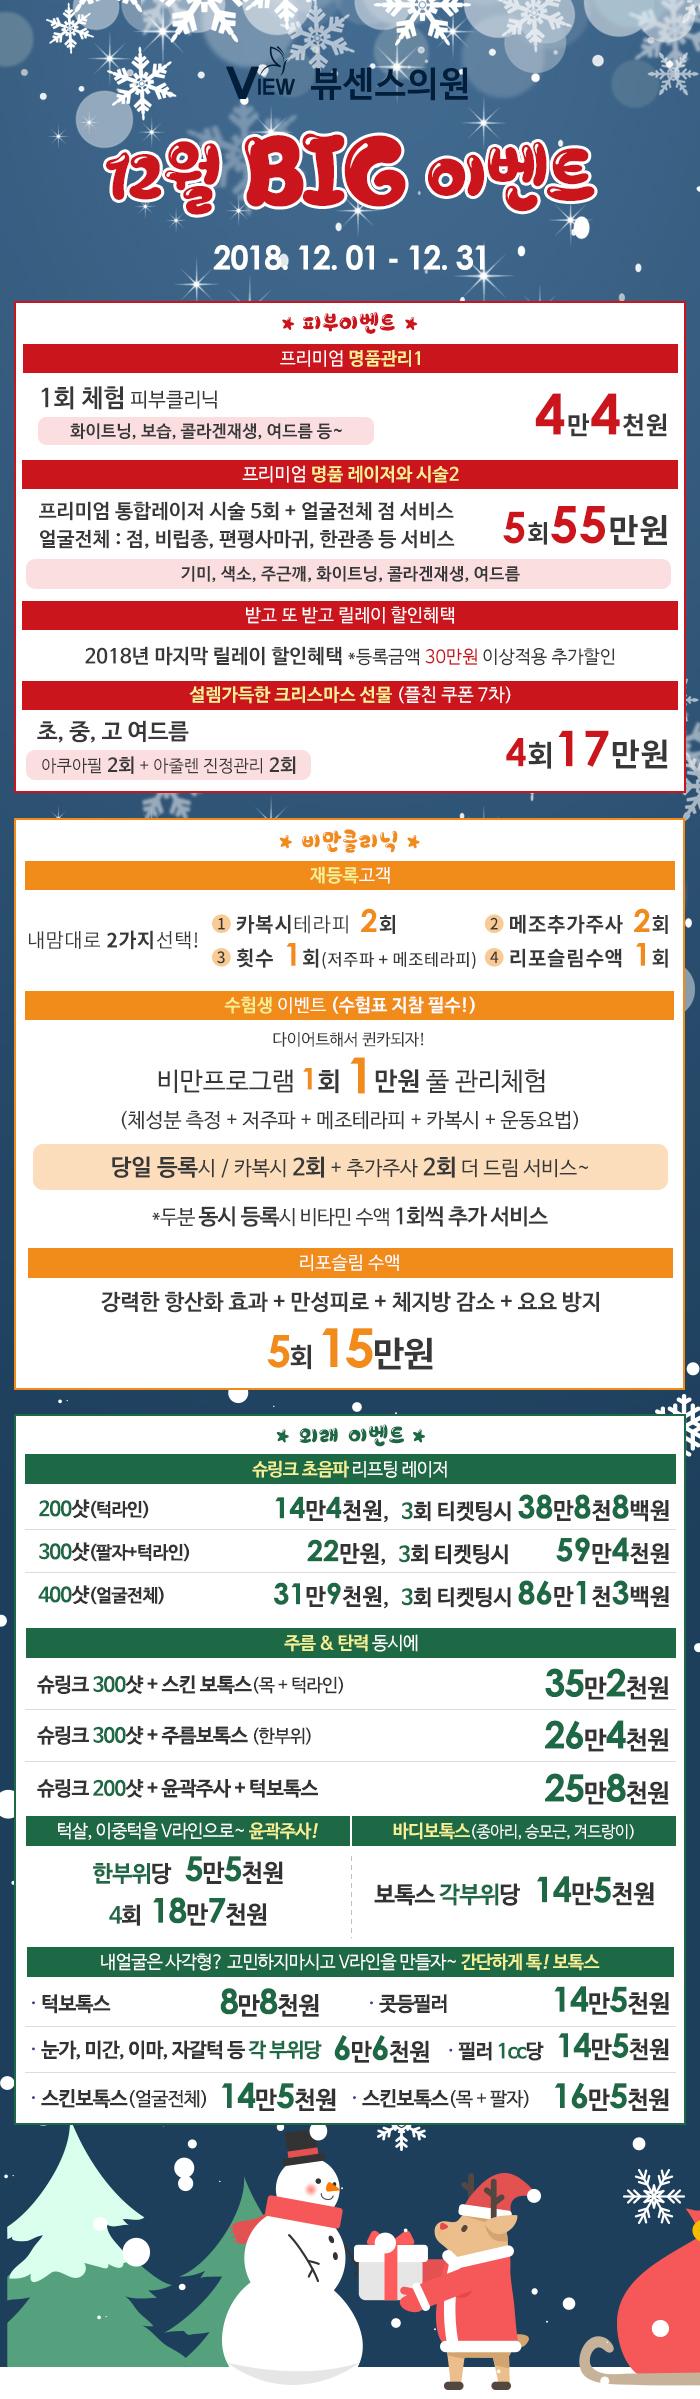 해운대_12월 이벤트 페이지(181130수정).jpg